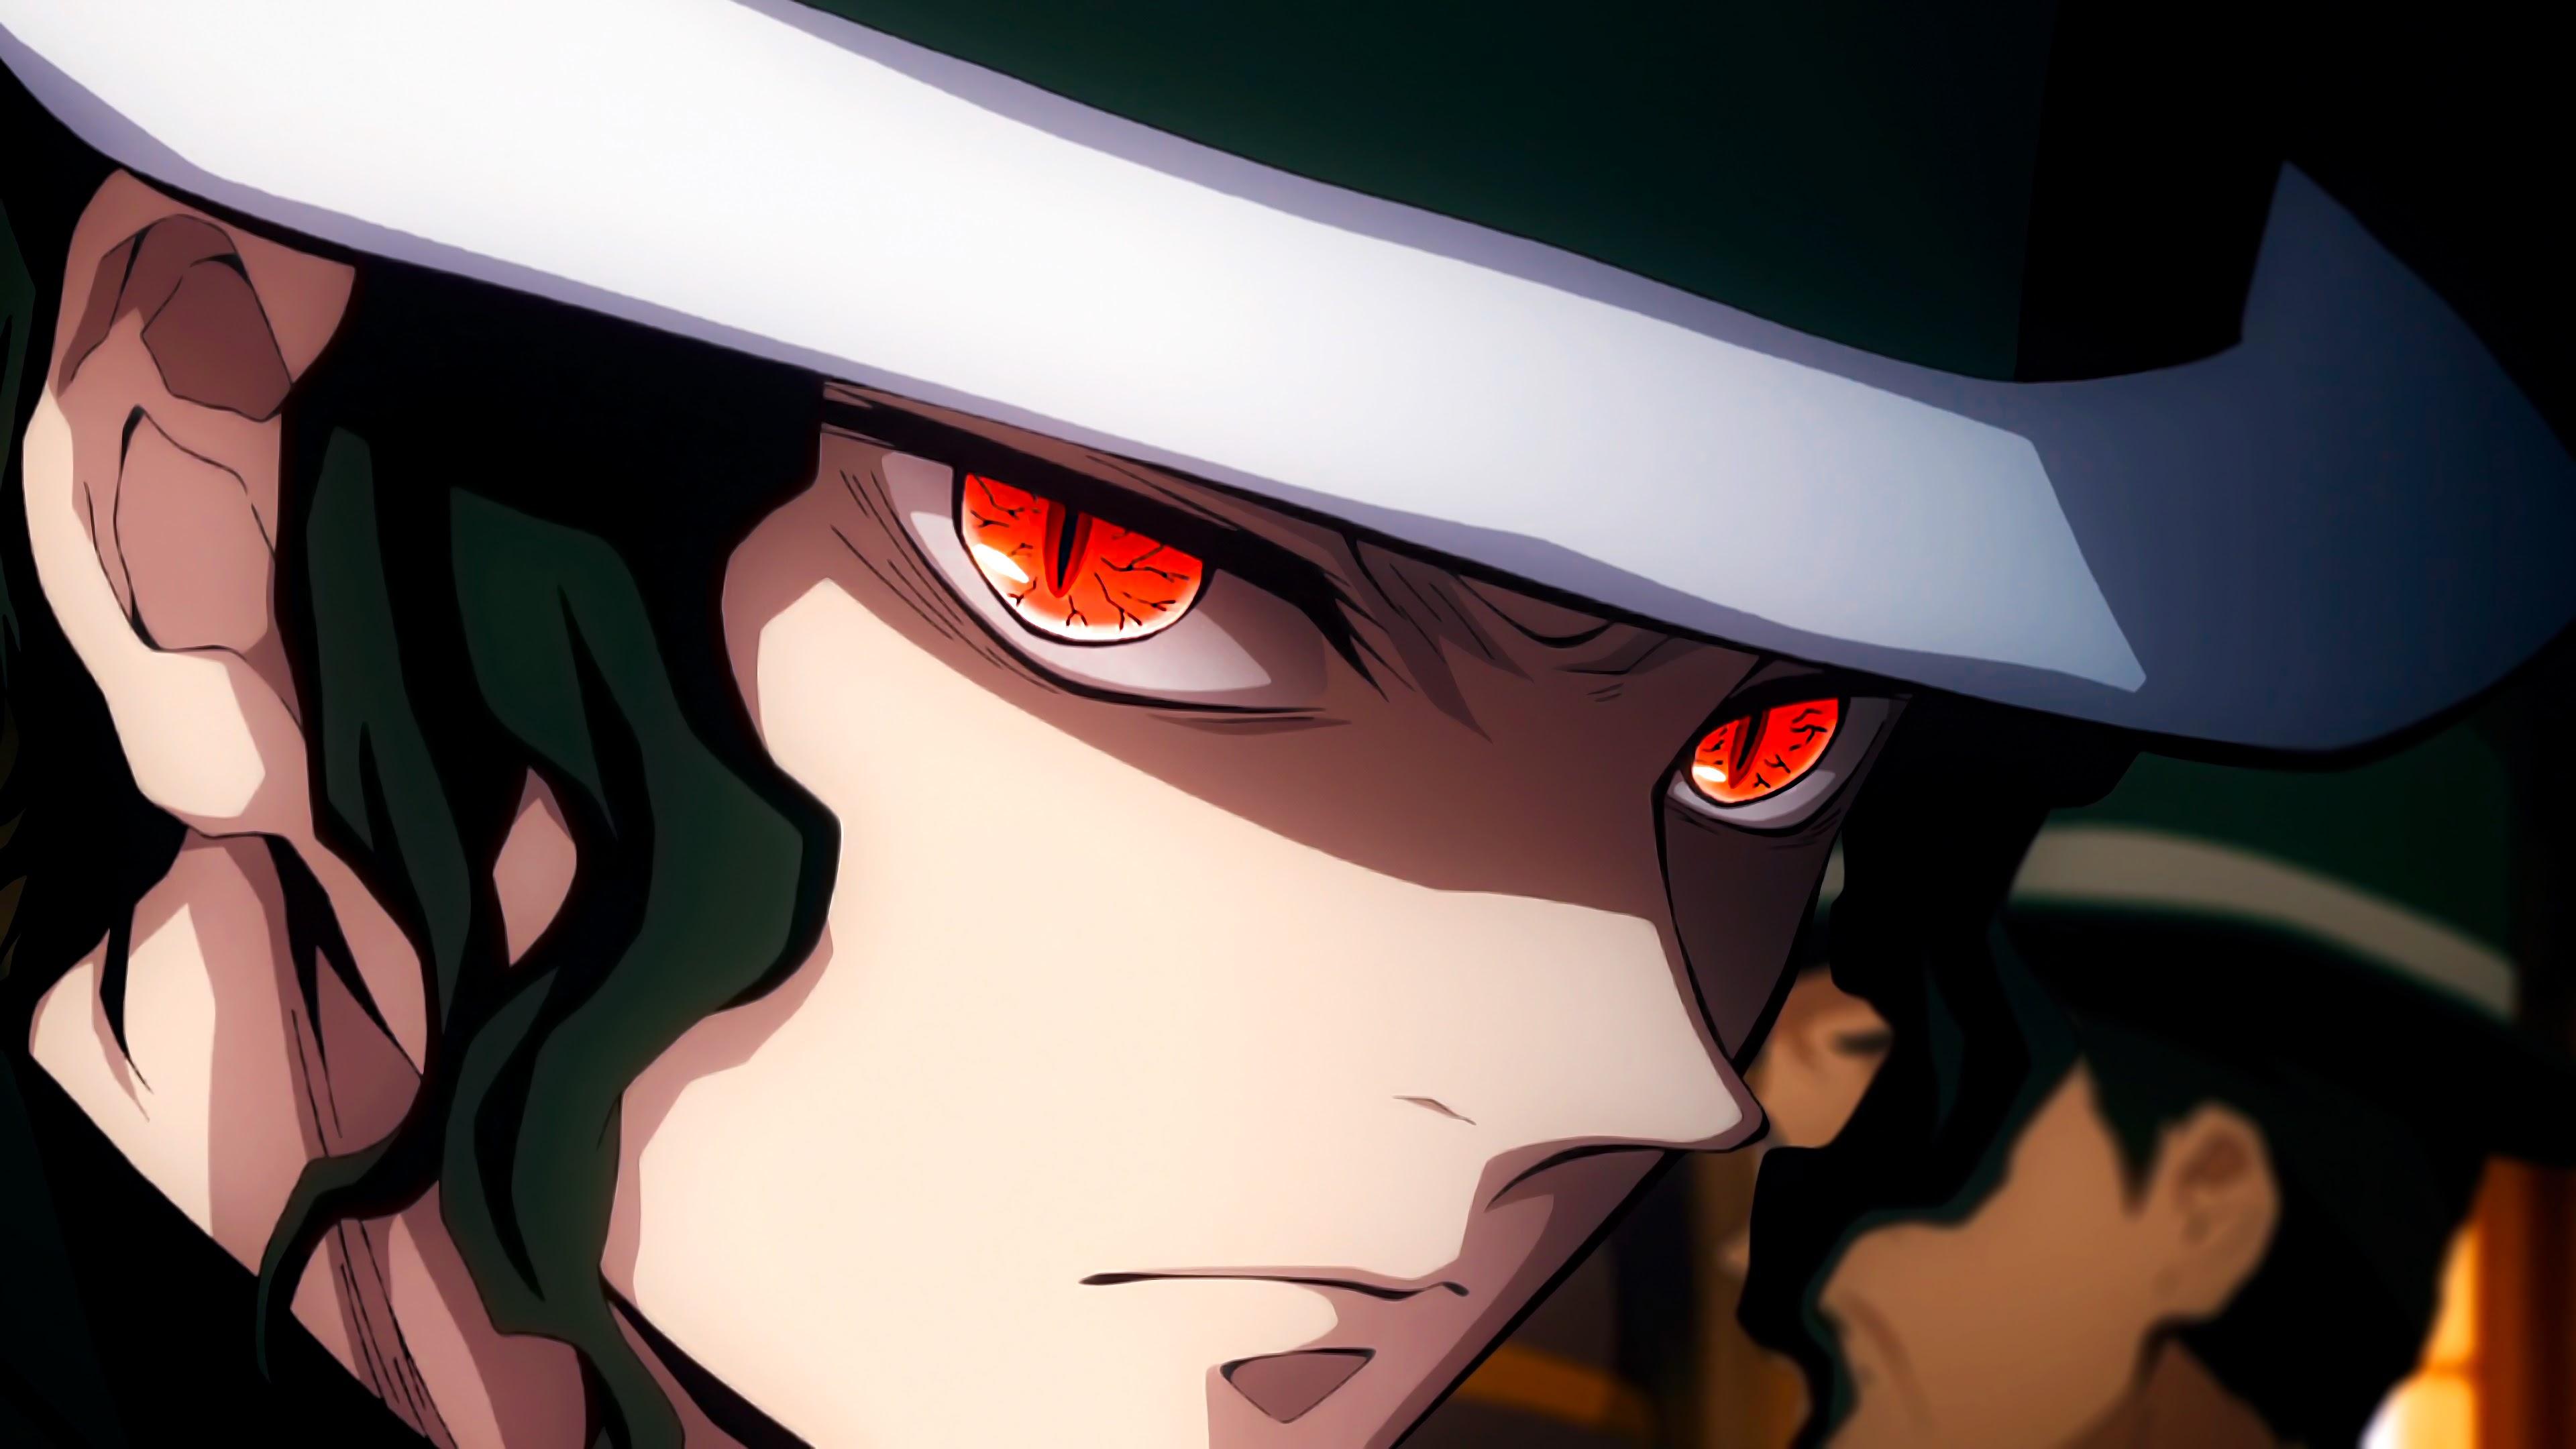 Demon Slayer Kimetsu No Yaiba 4k Tanjiro Wallpaper Hd Anime